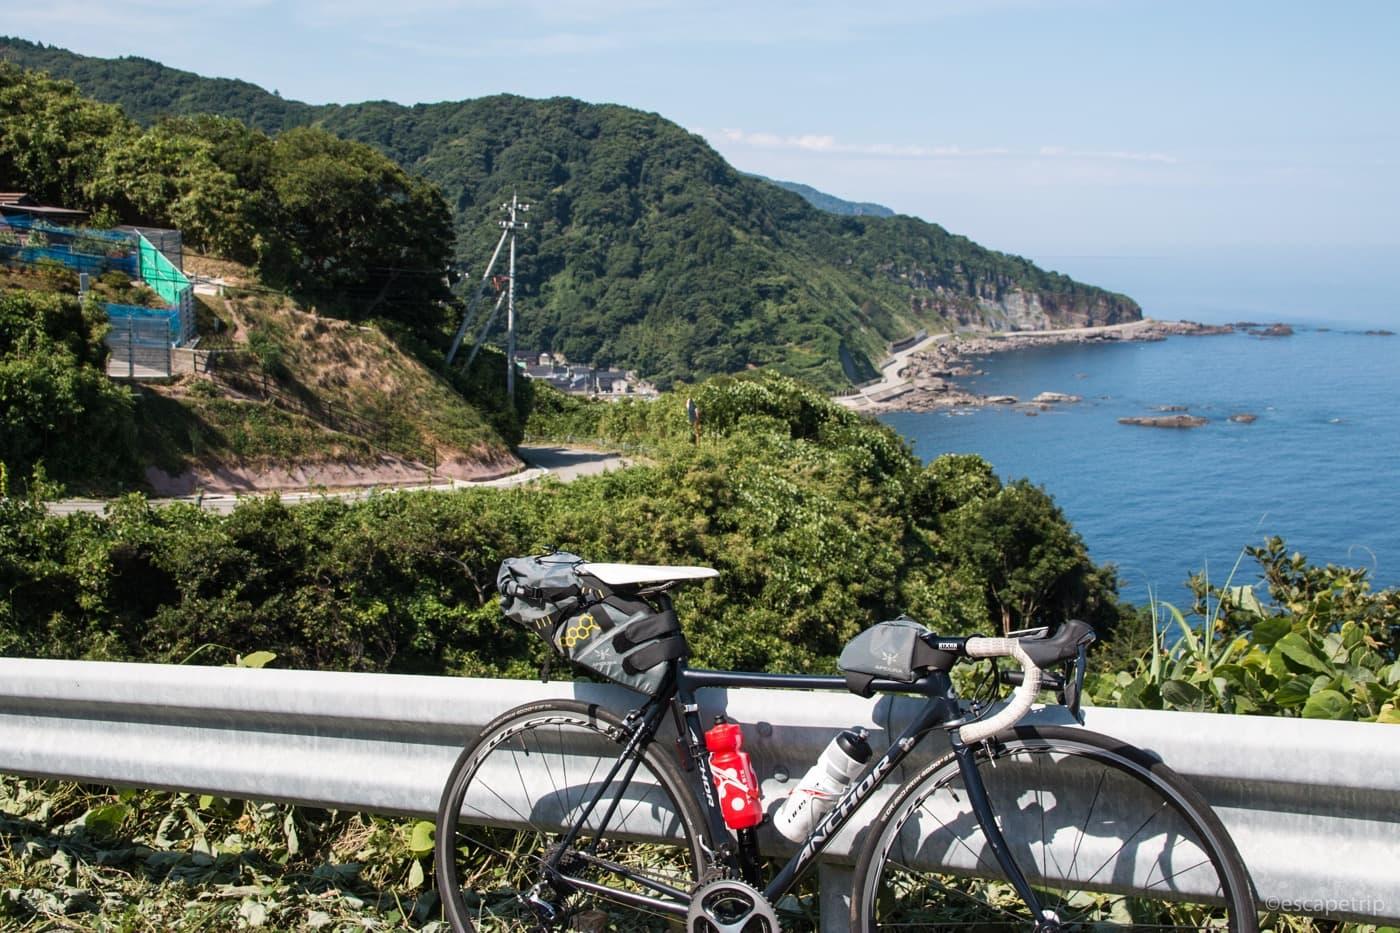 ロードバイクと海岸線